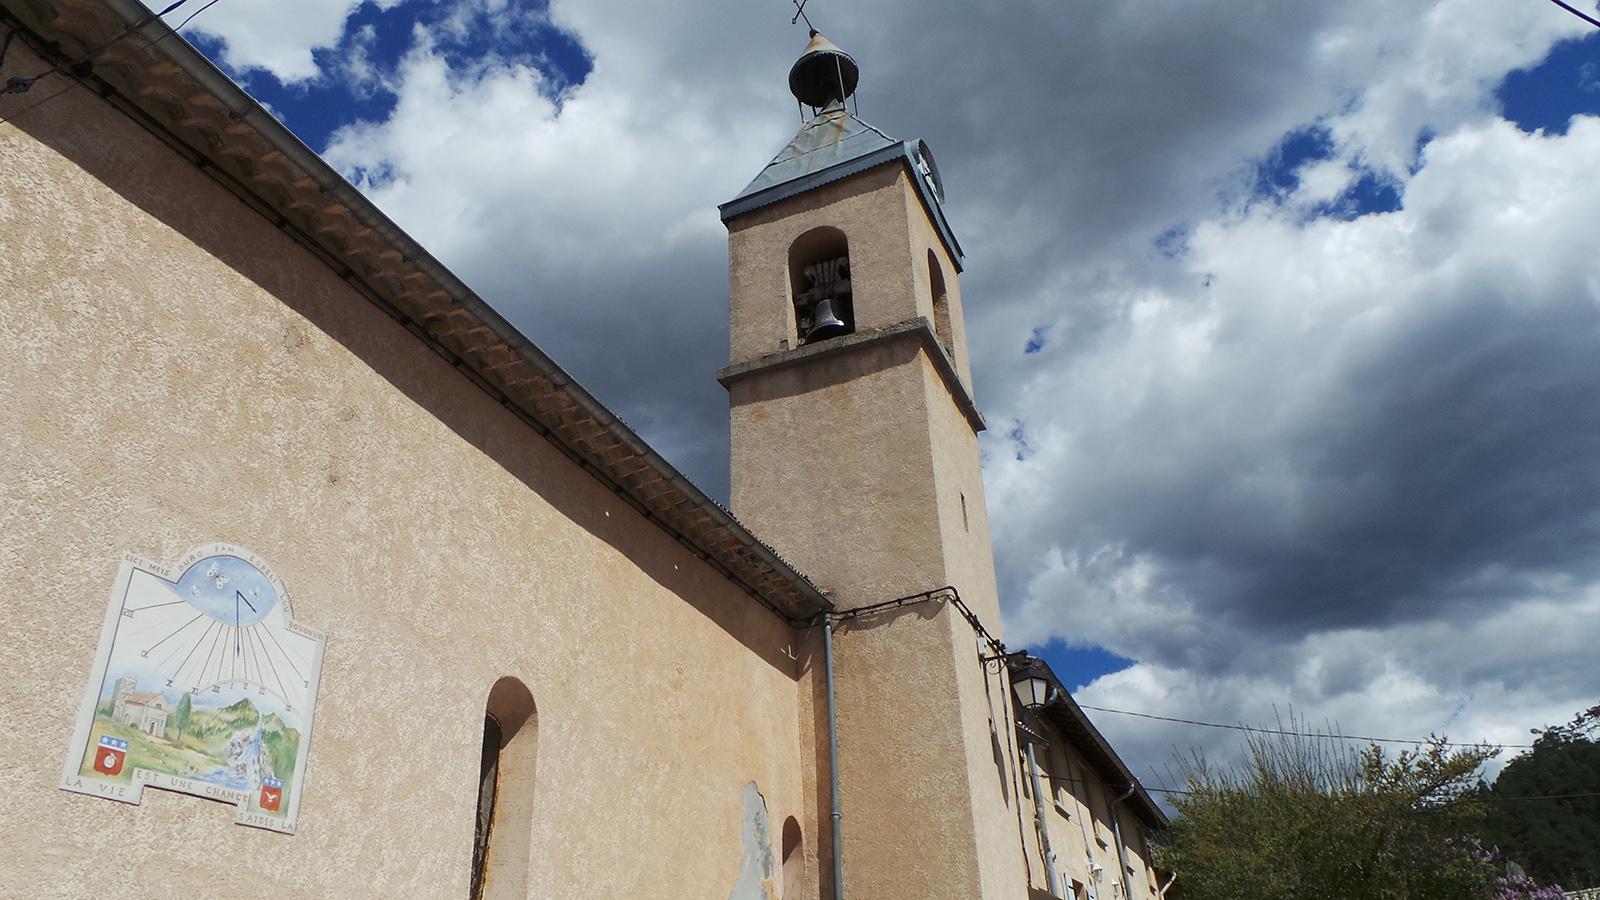 Eglise_et_cadran_solaire